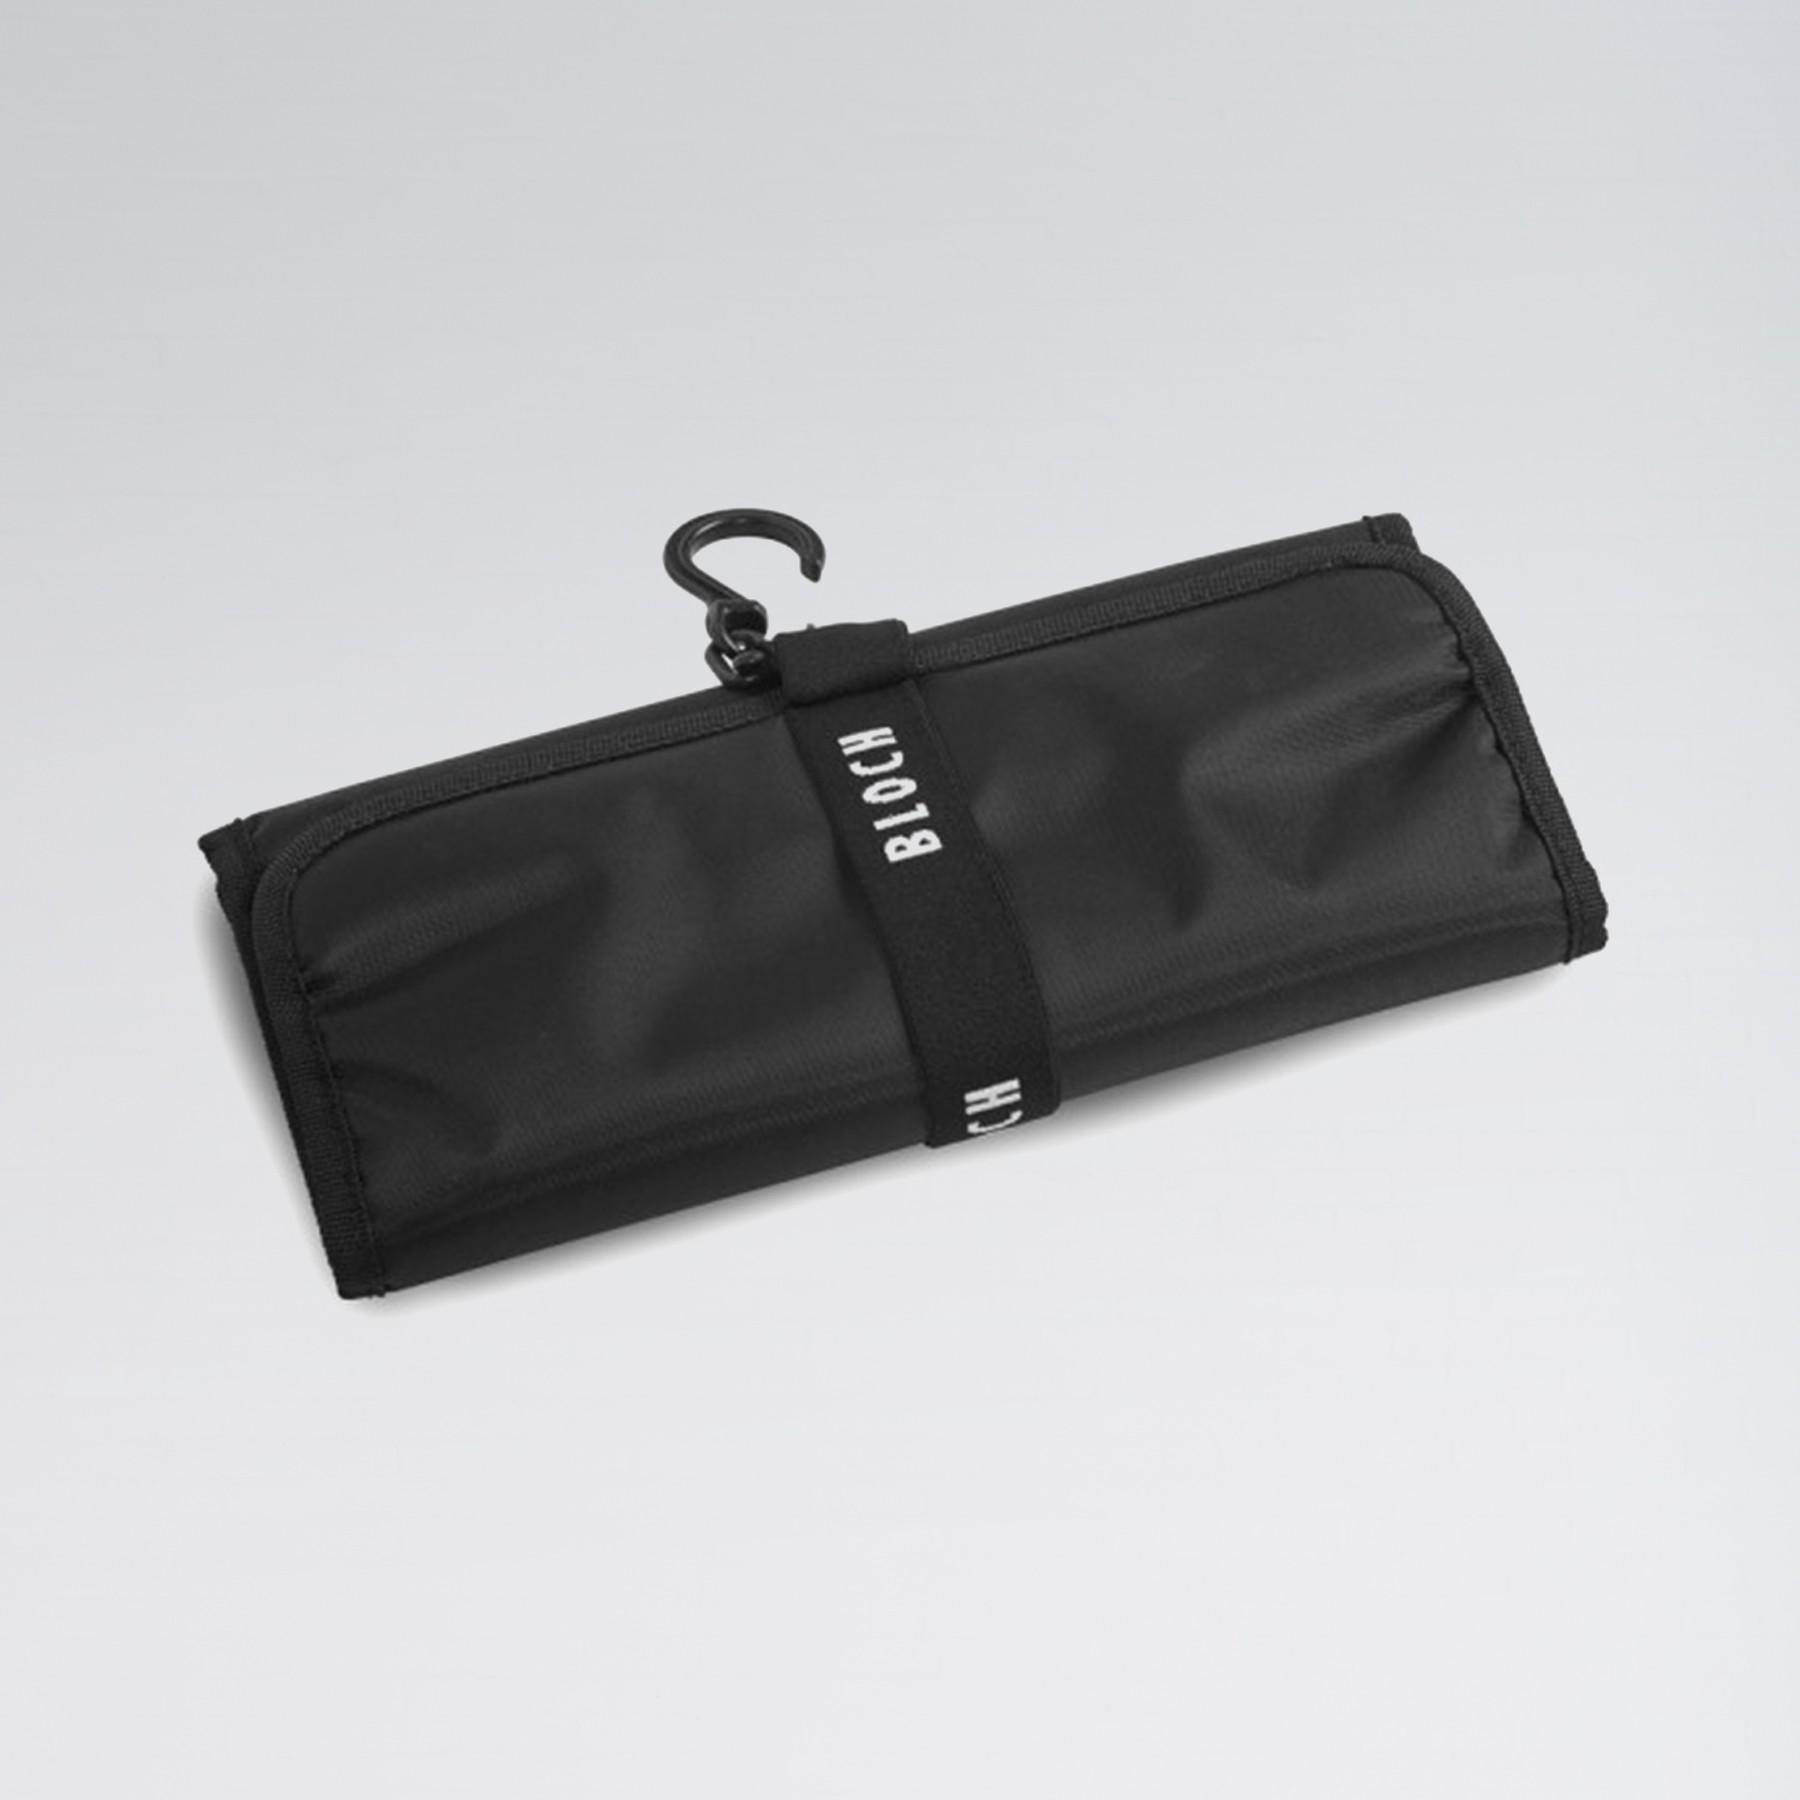 Bloch Organizer Bag